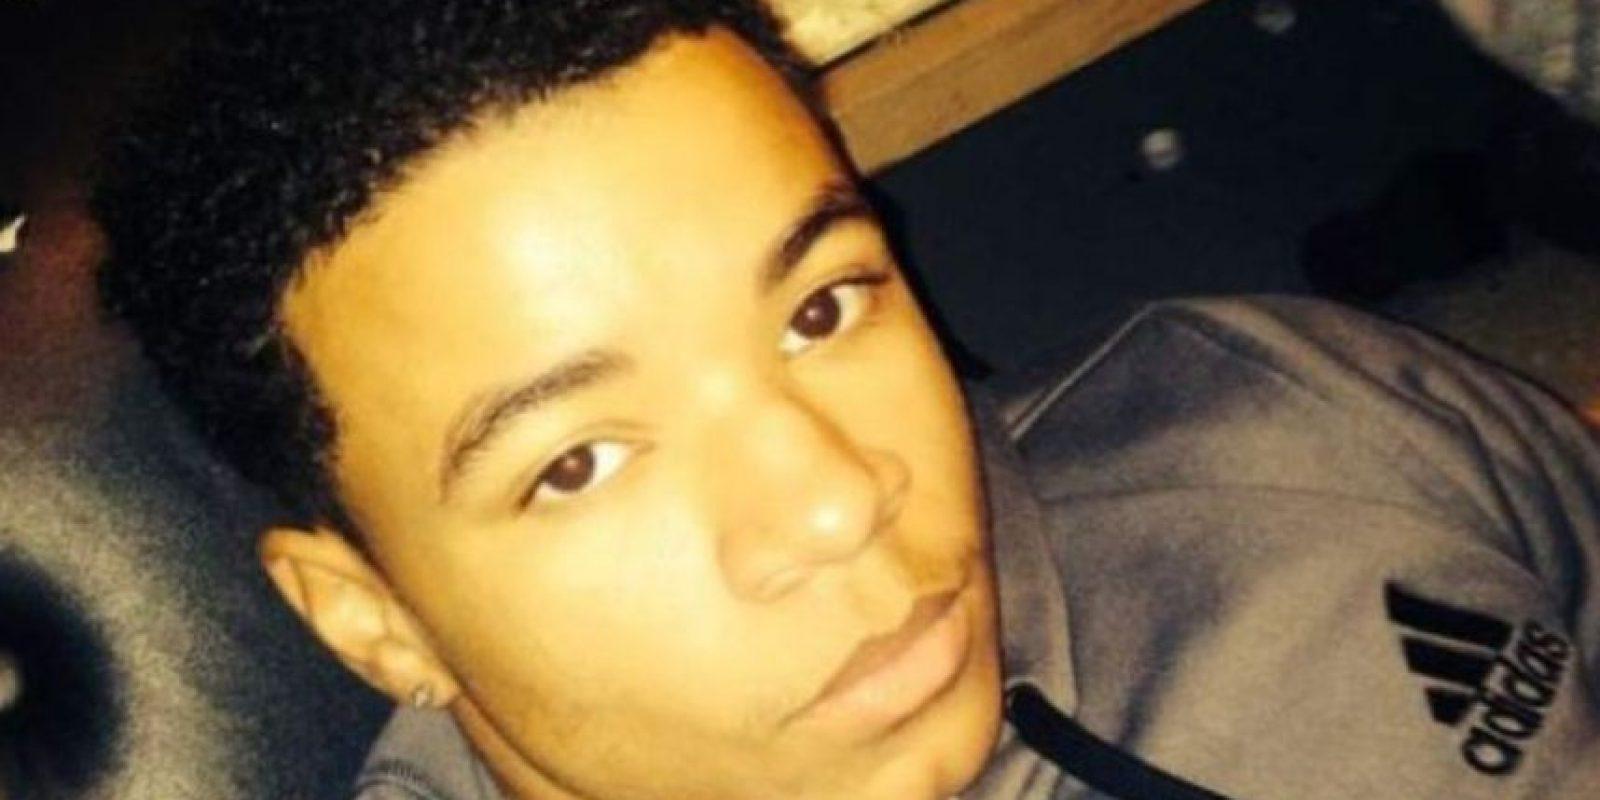 Maxwell Marion Morton, de 16 años de edad, se tomó un selfie junto al cuerpo de su amigo y fue detenido por presunto asesinato. Foto: Pittsburgh Tribune-Review